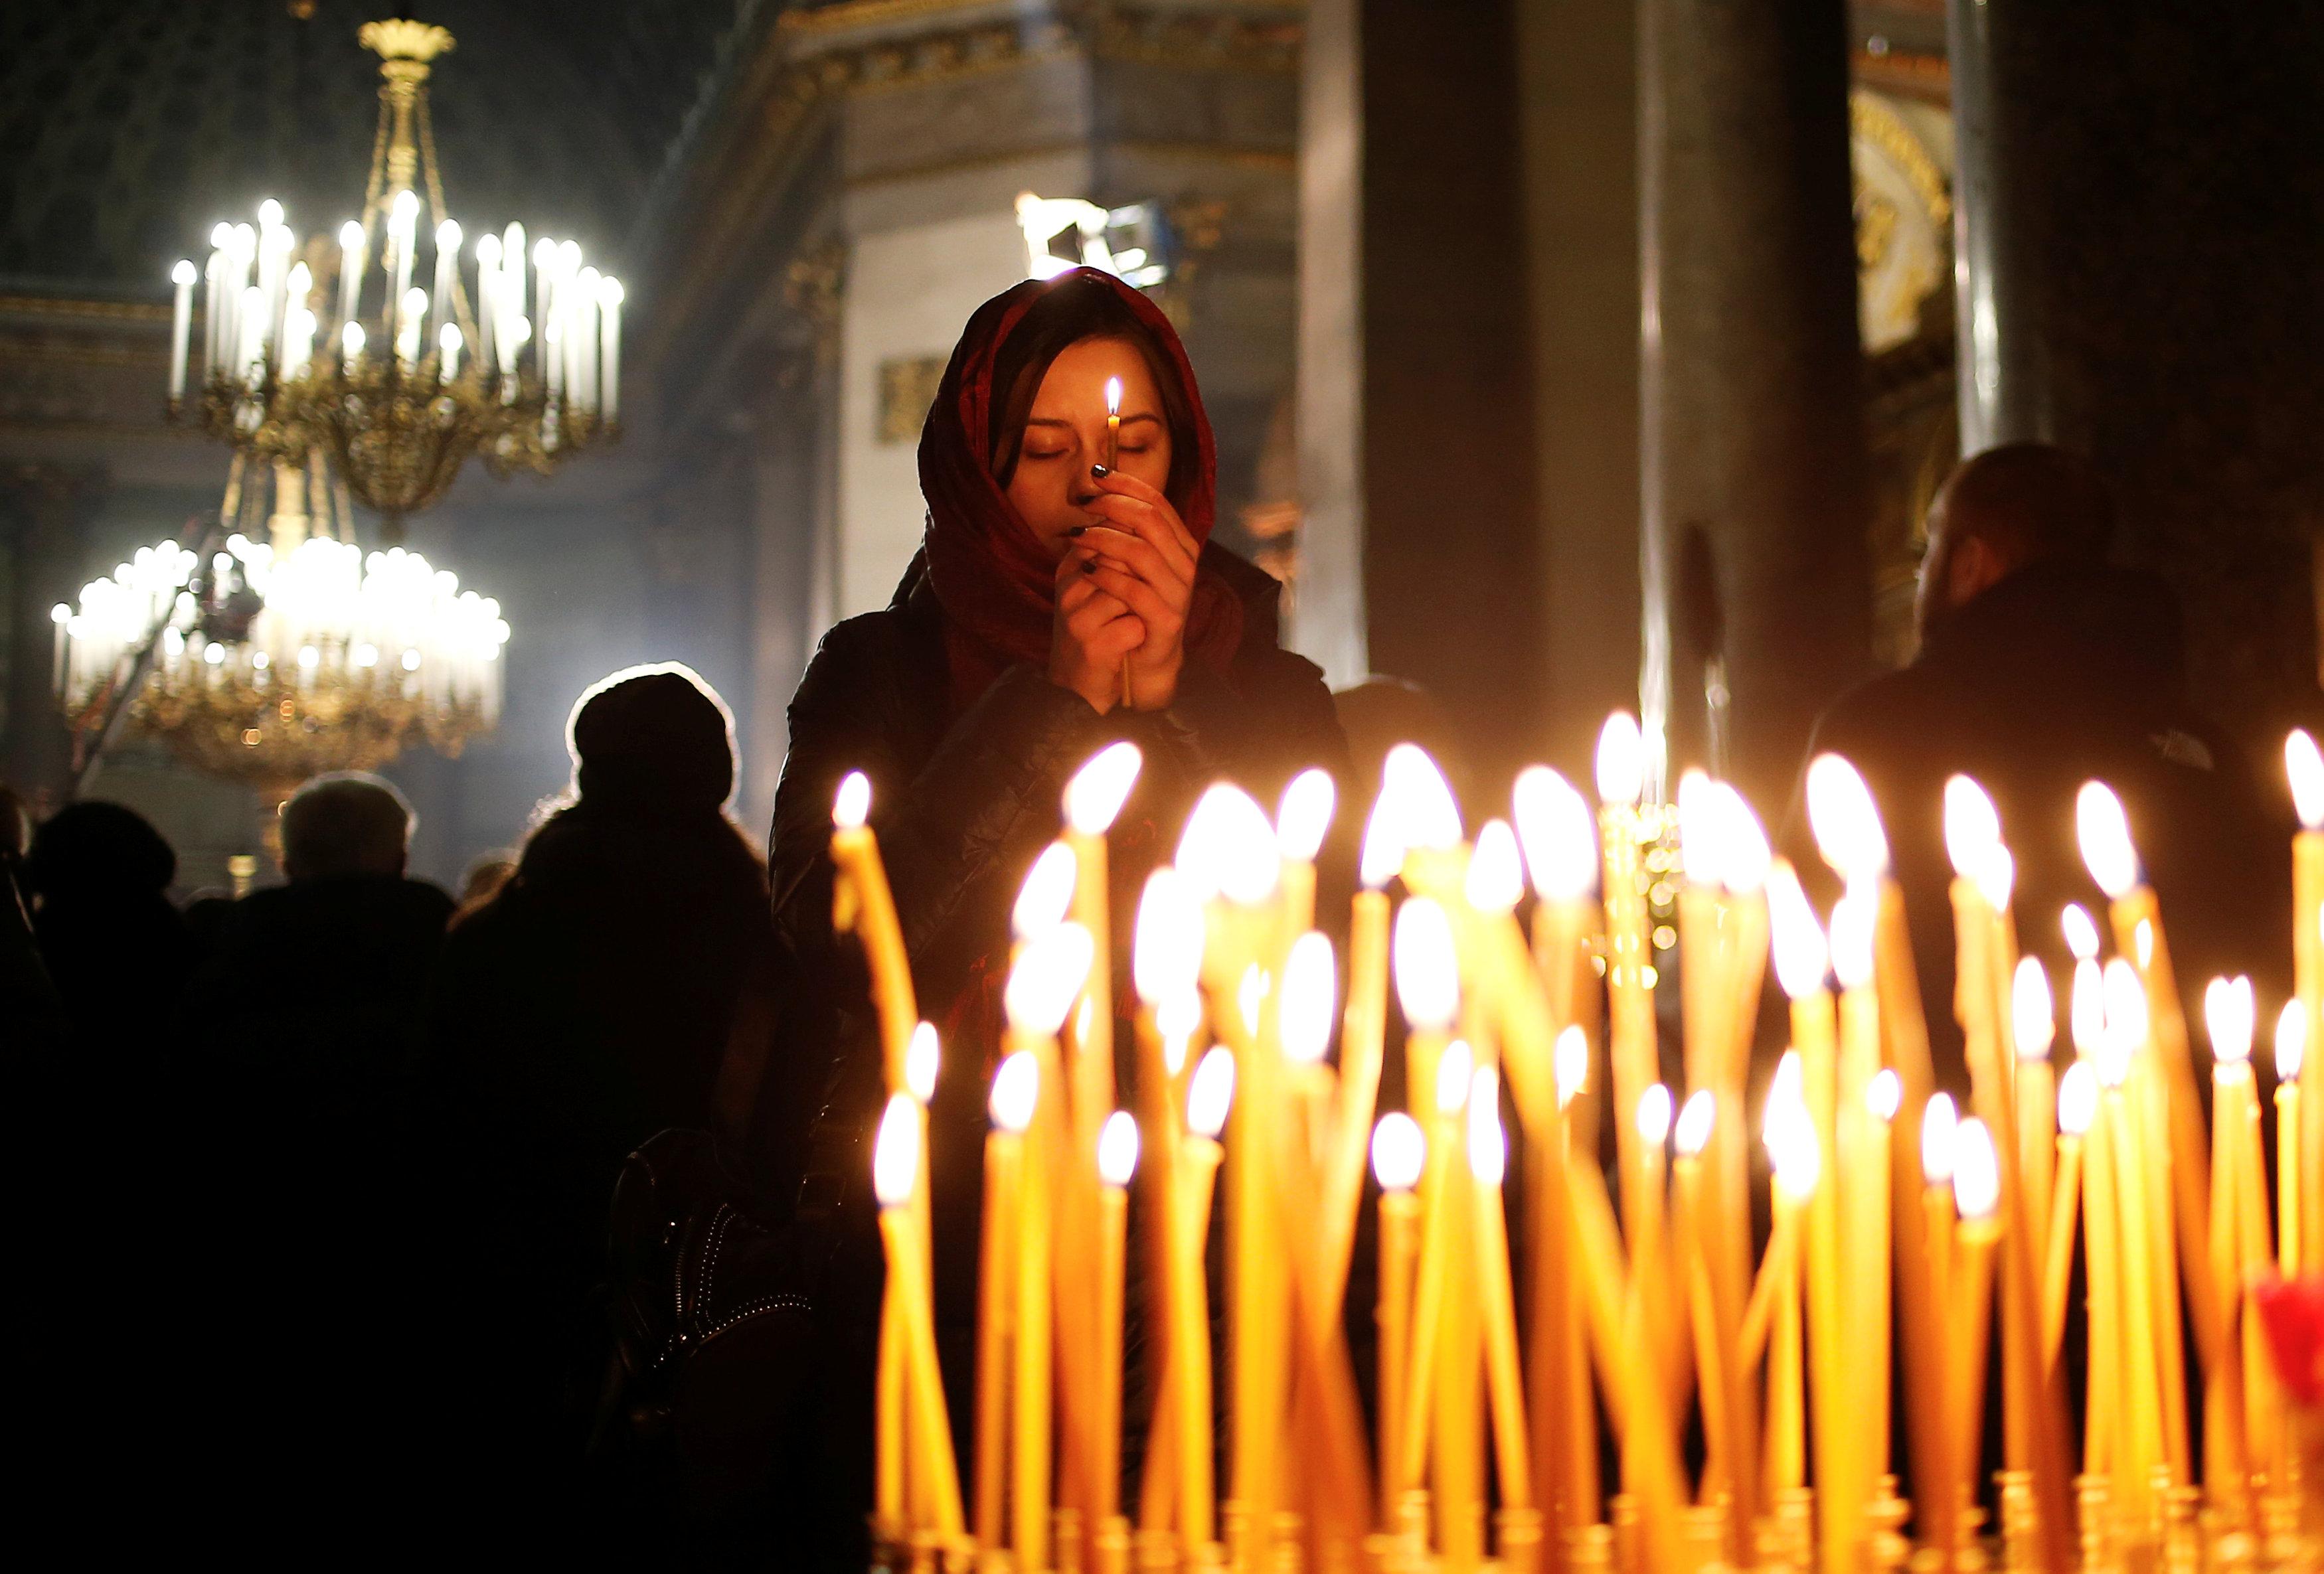 اضاءة الشموع خلال عيد الميلاد  (4)